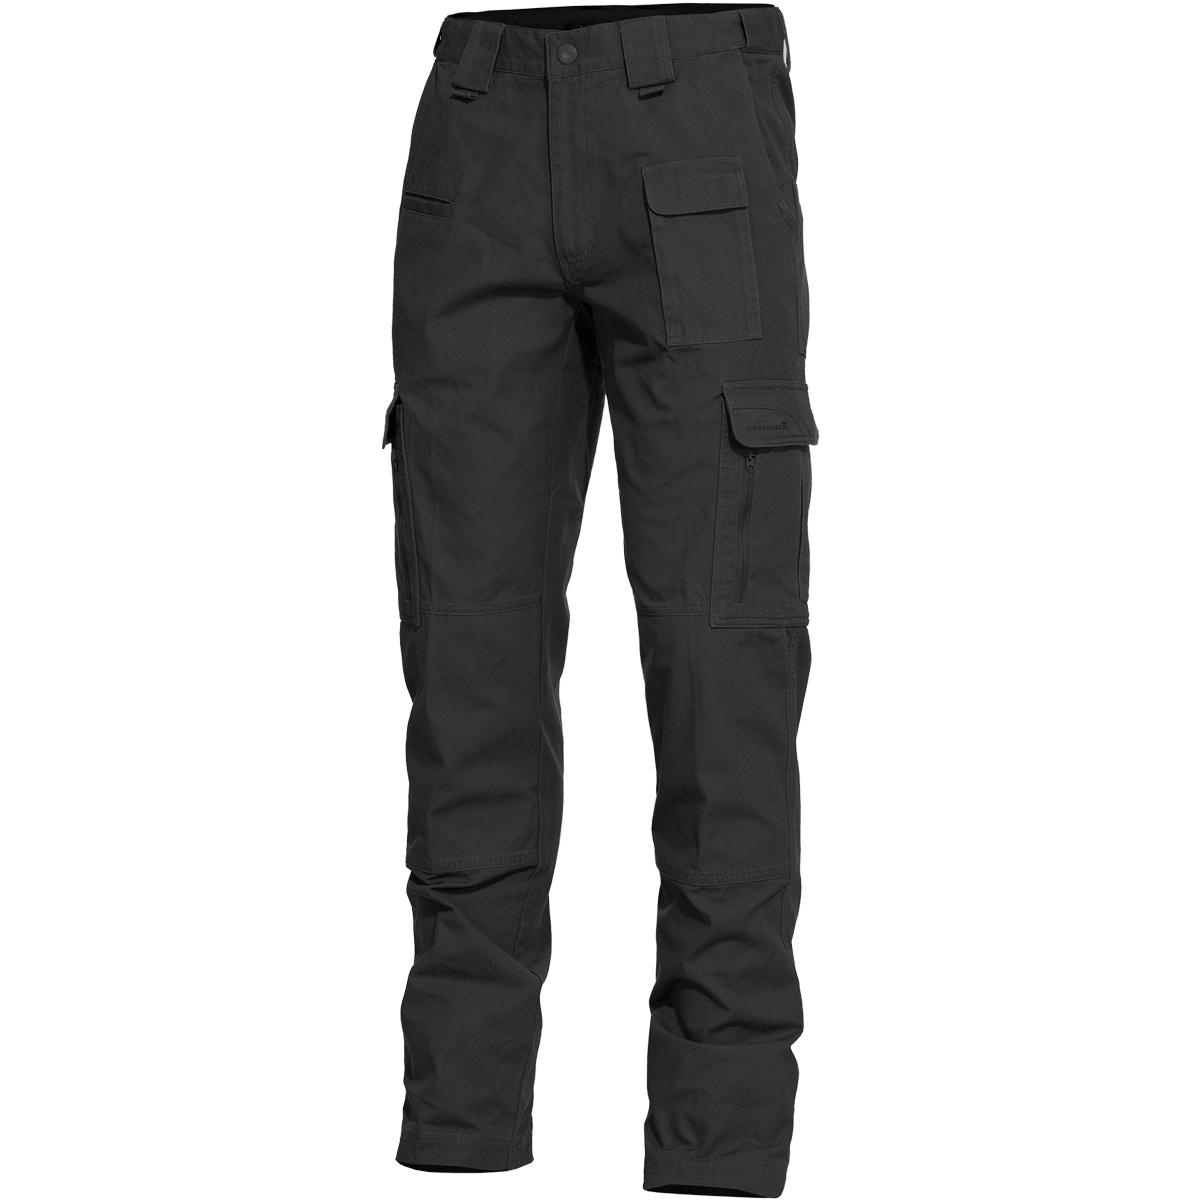 Pentagon Elgon 2 0 Heavy Duty Tactical Pants Cotton